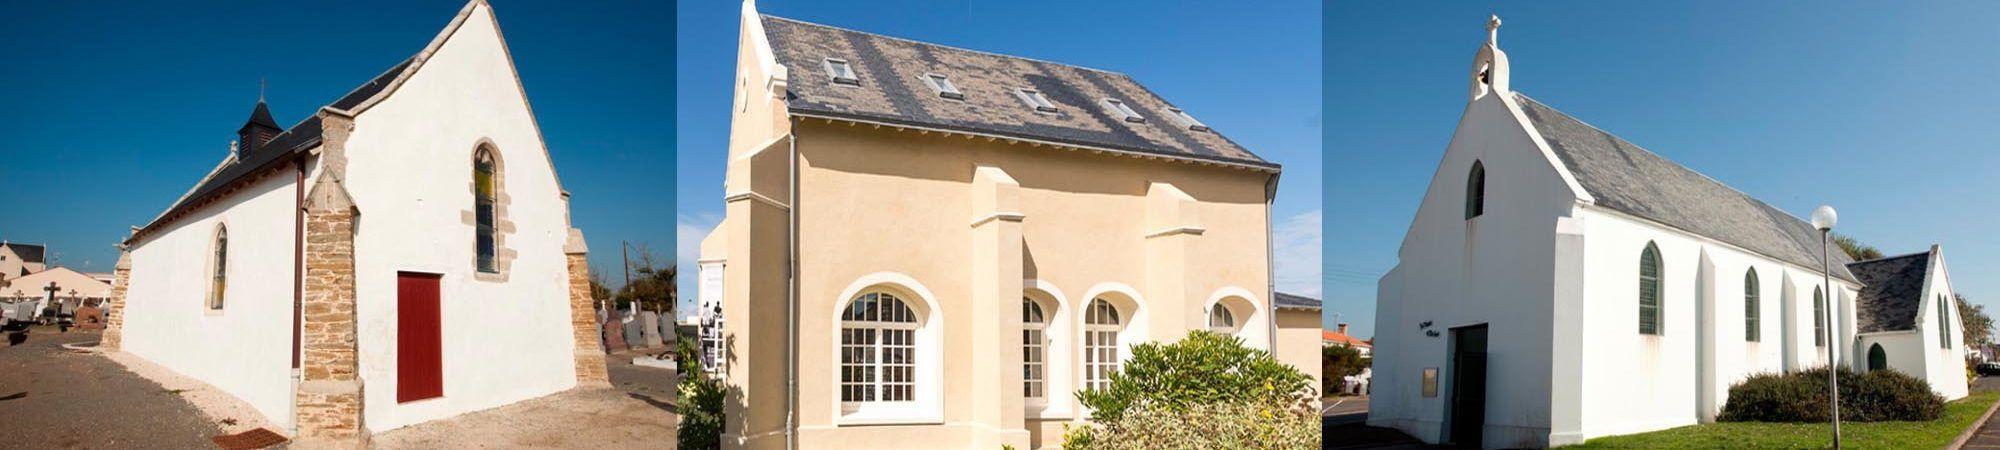 Bandeau de la page 'Chapelle Notre-Dame-de-Pitié